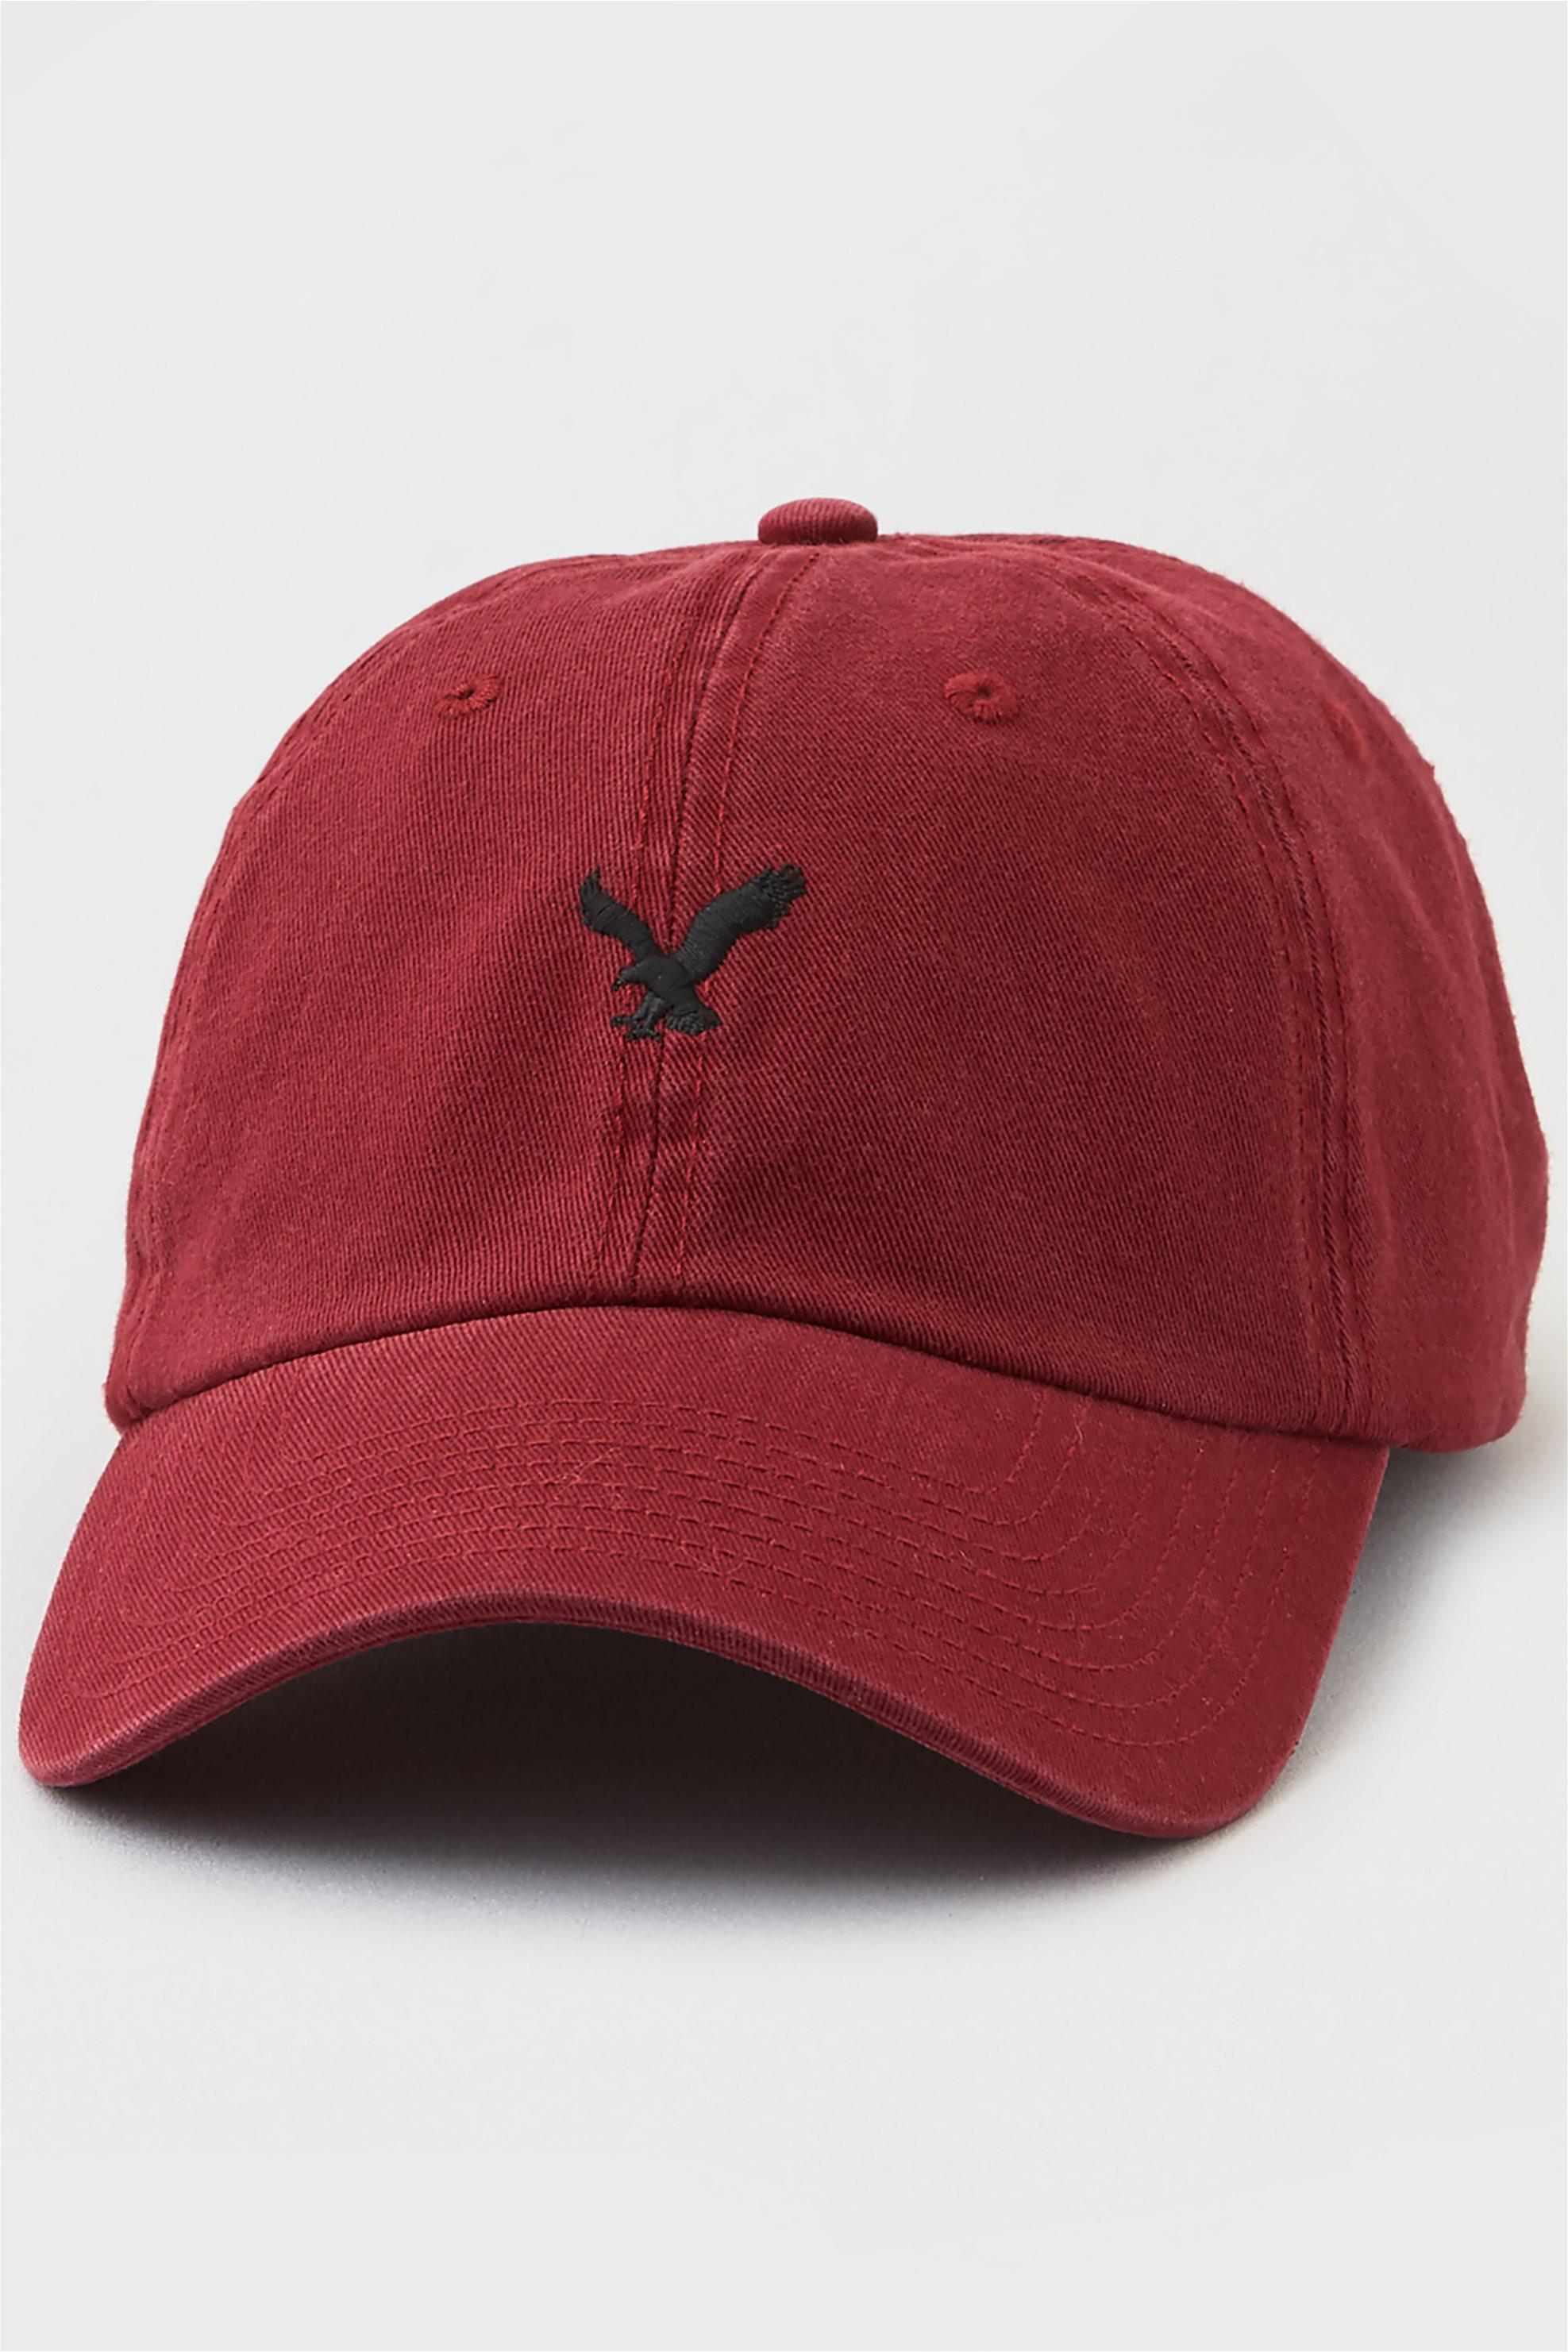 american eagle kapelo